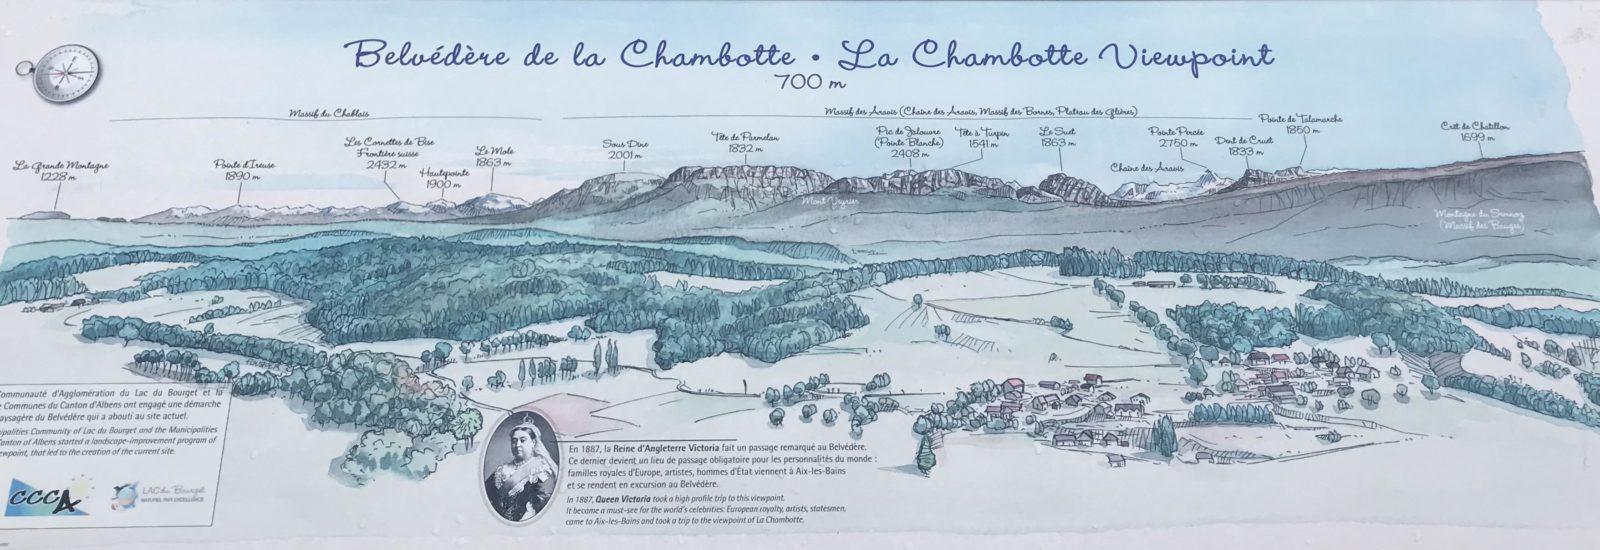 Belvédère de La Chambotte